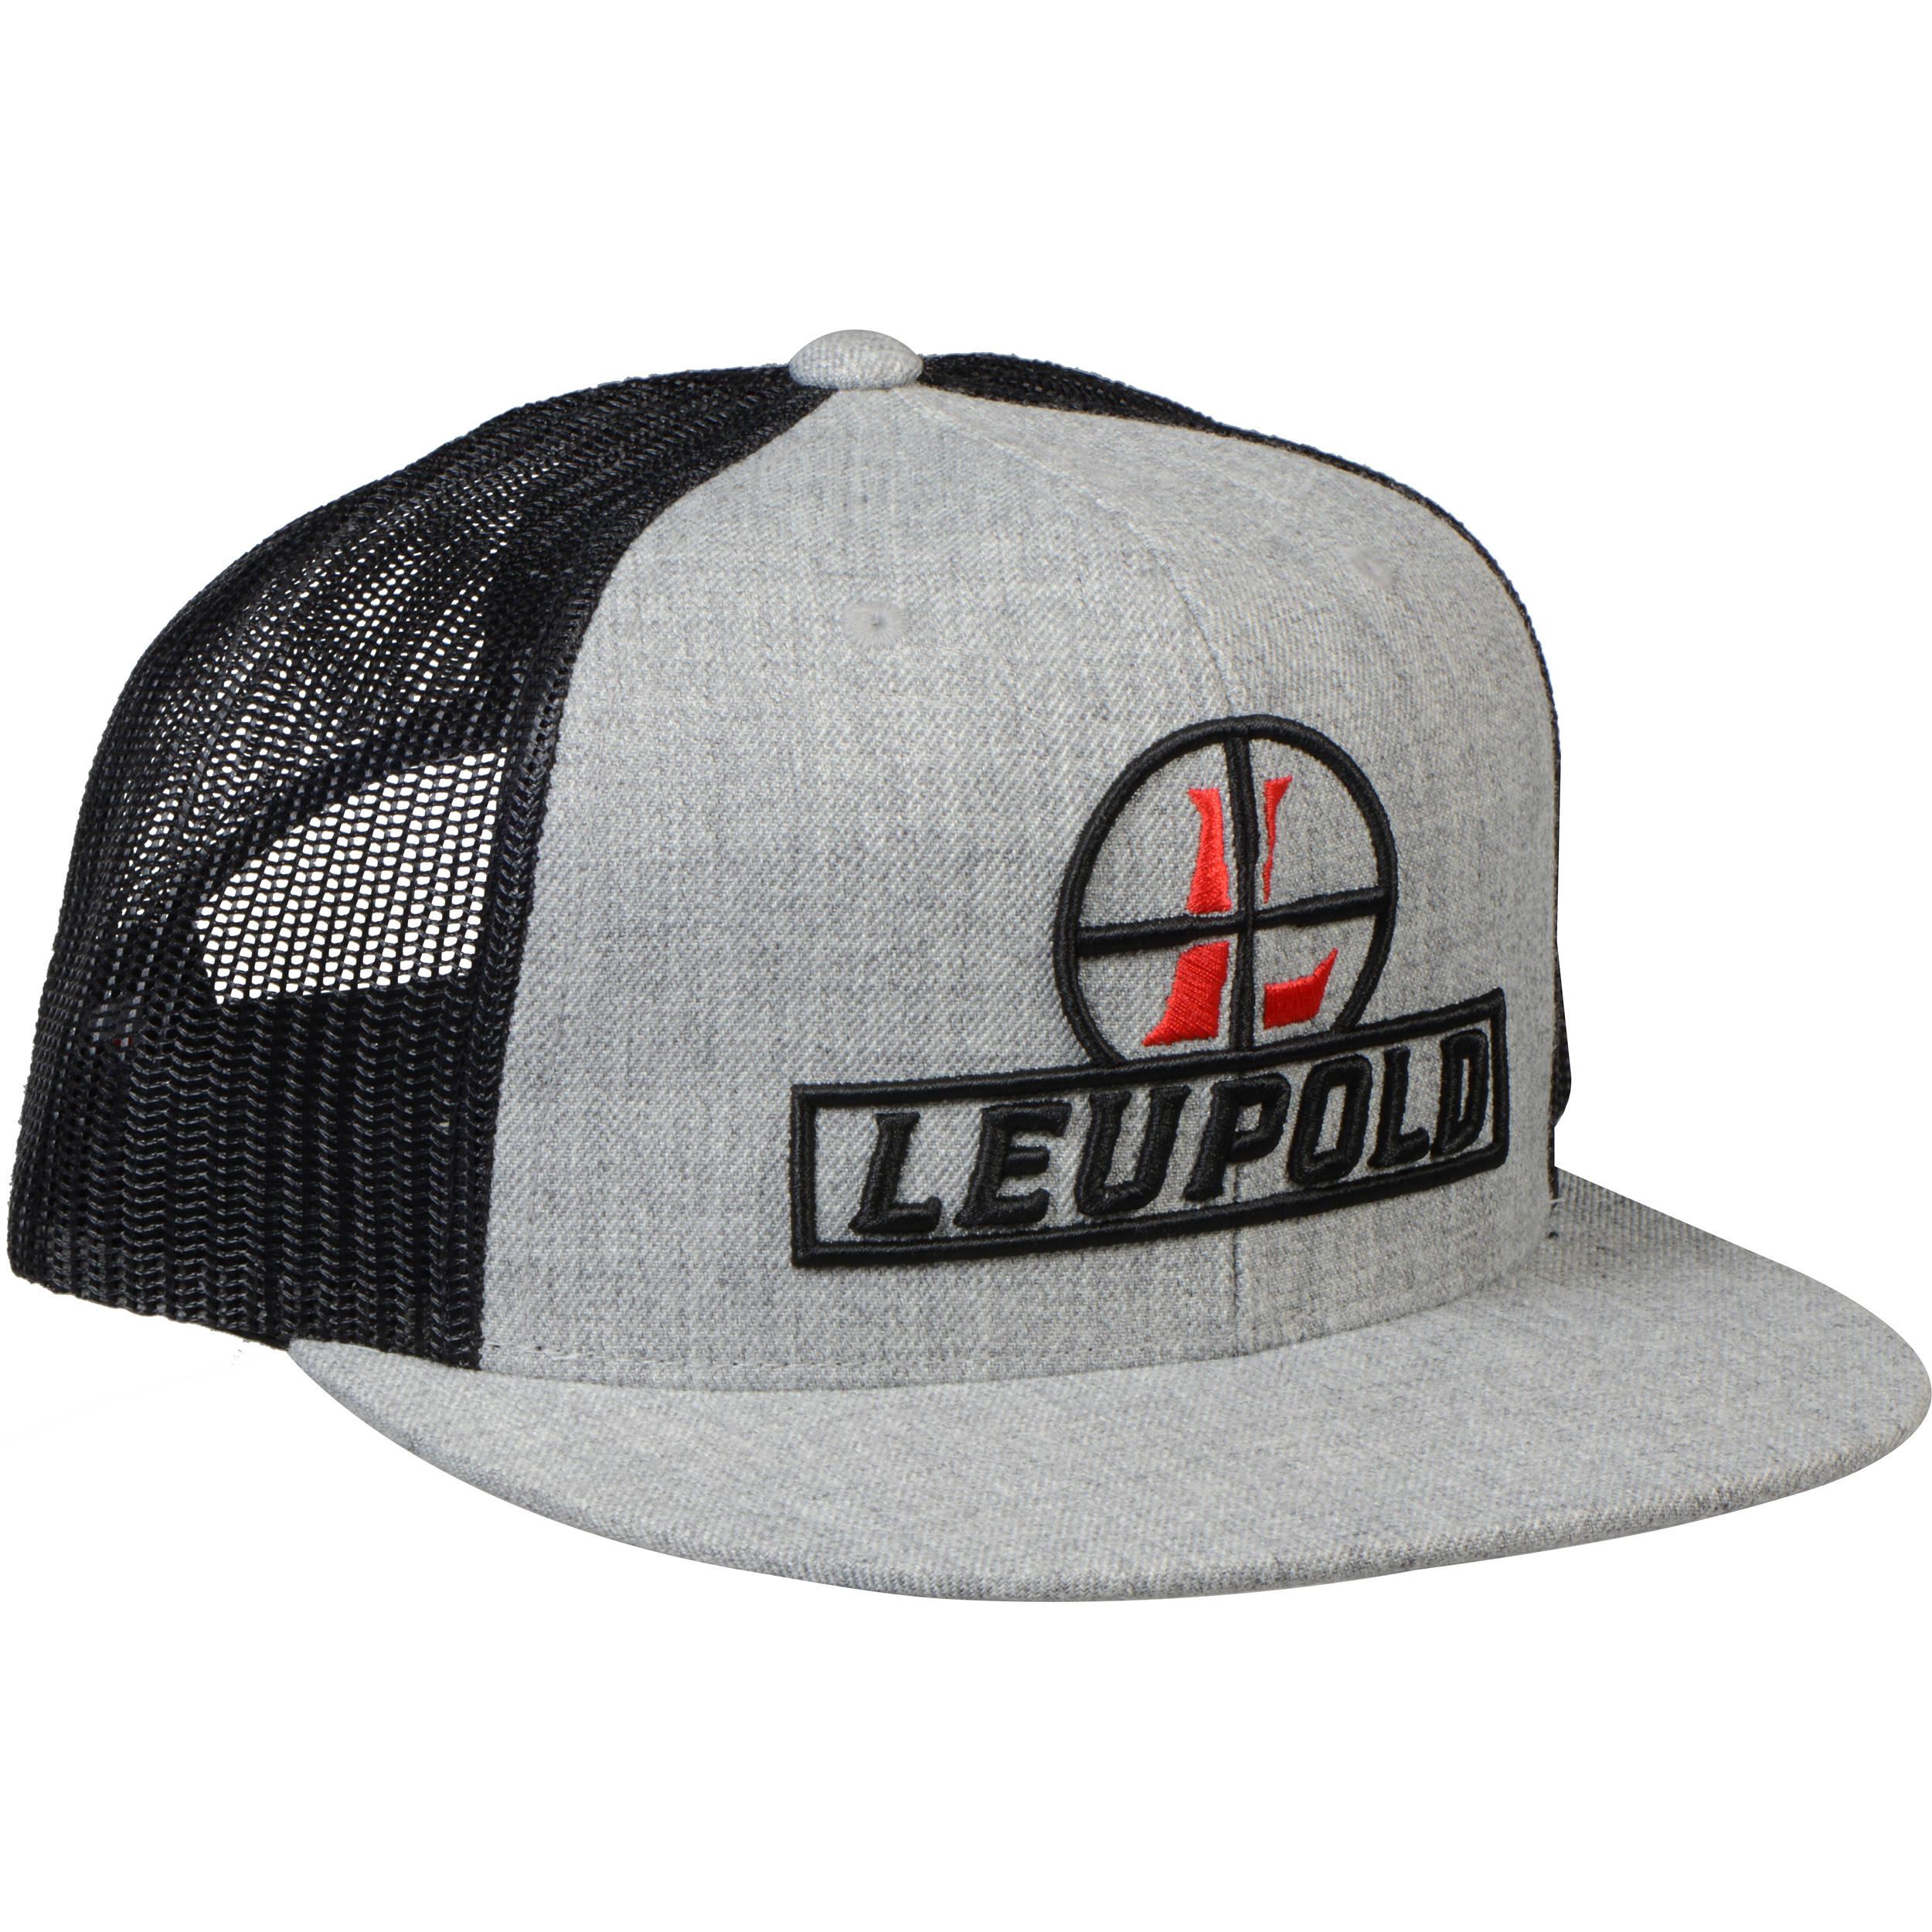 a3e2f71a219 Leupold Reticle Flat Brim Trucker Hat (Black) 170584 B H Photo